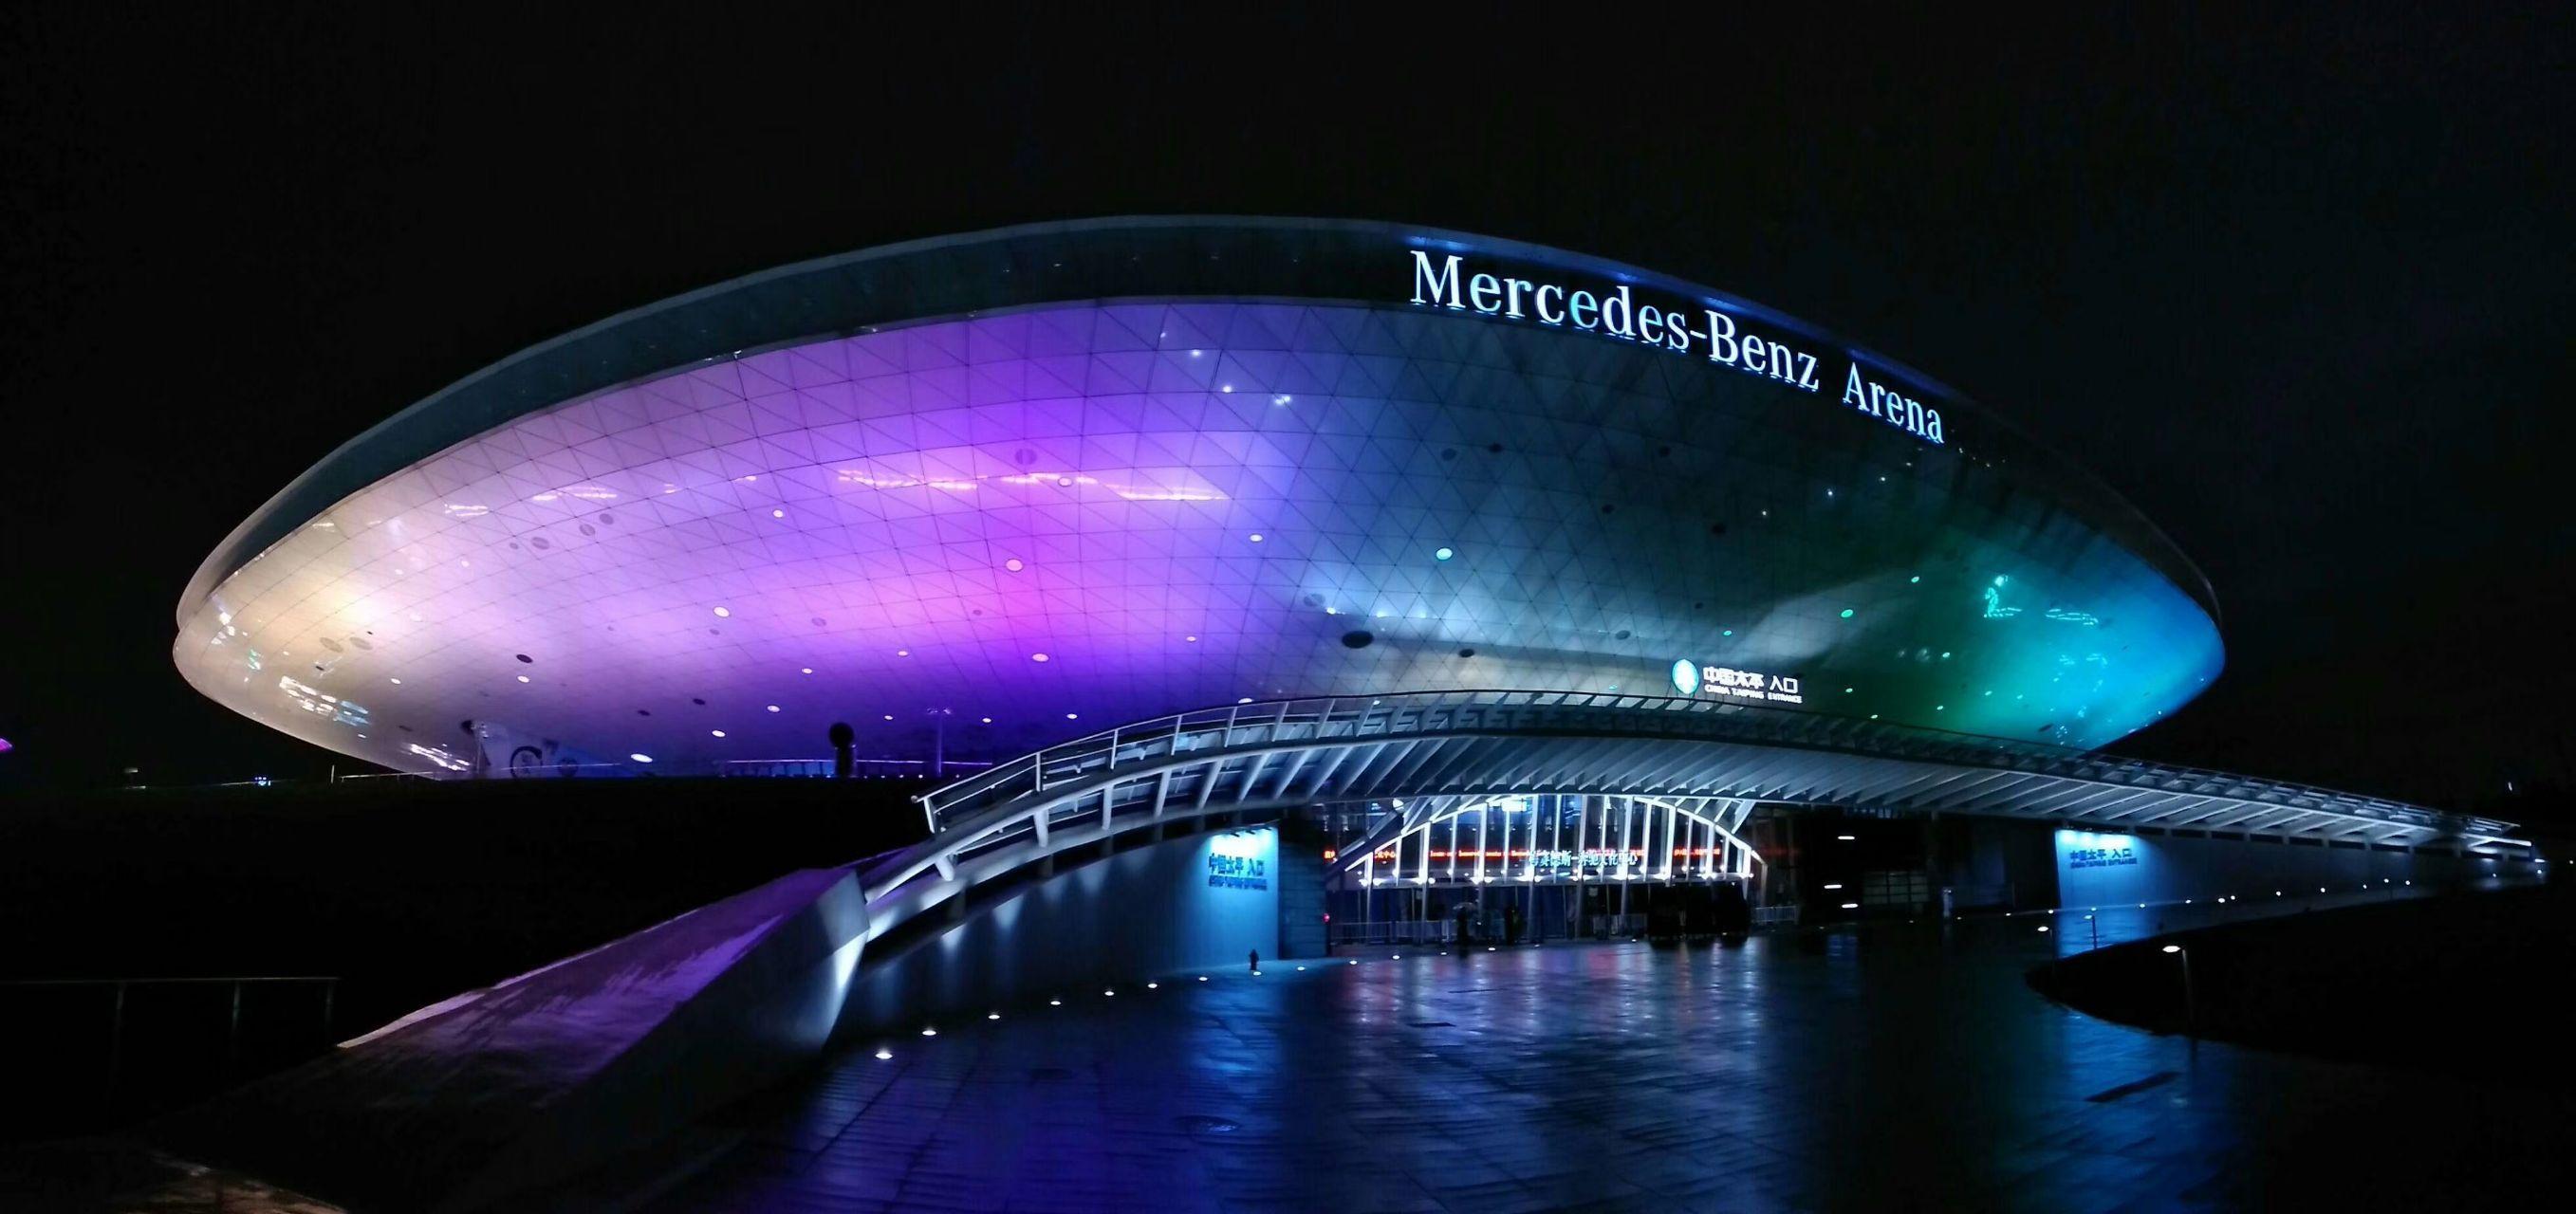 梅赛德斯文化_梅赛德斯-奔驰文化中心